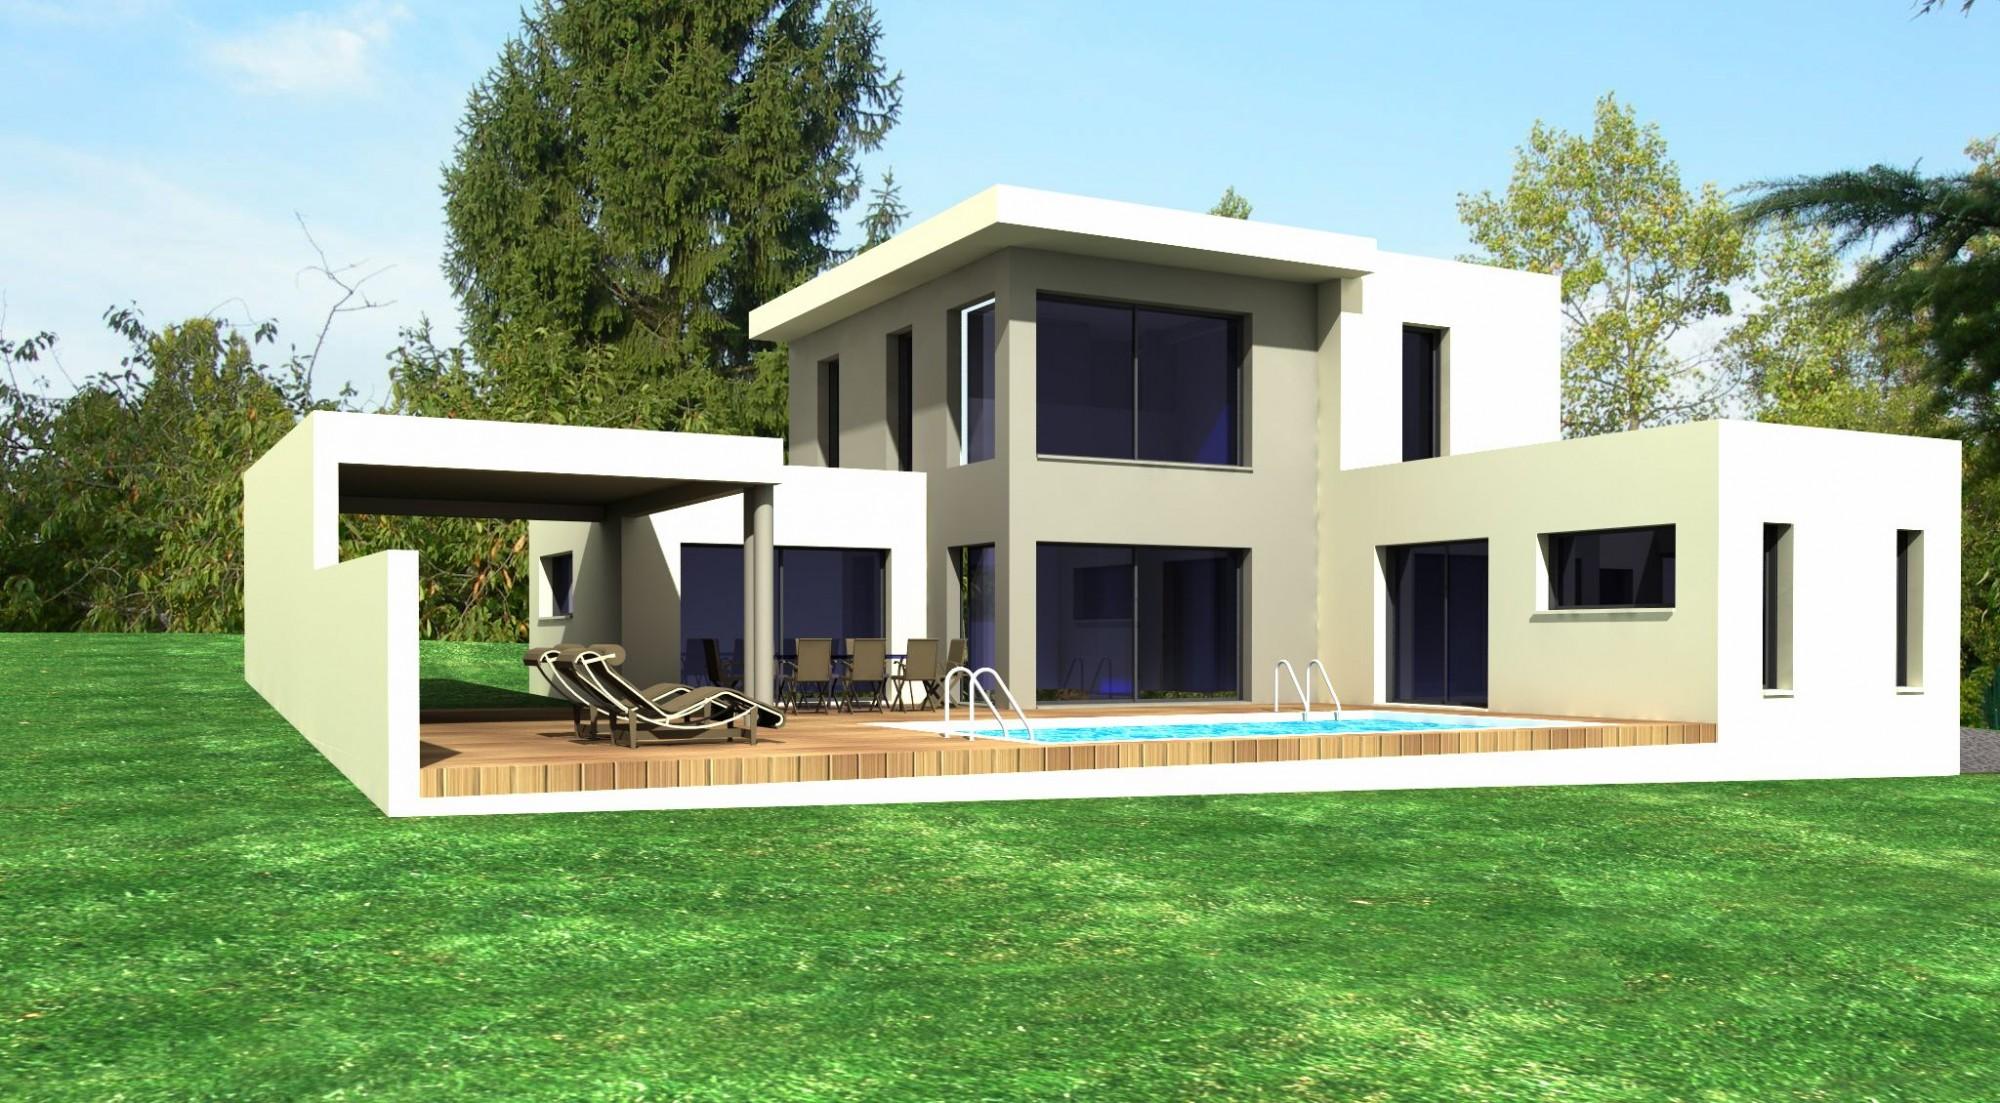 Projet d 39 une maison tr s grande hauteur de baie vitr e etudes de projets bureau d 39 tudes et for Maison moderne avec grande baie vitree